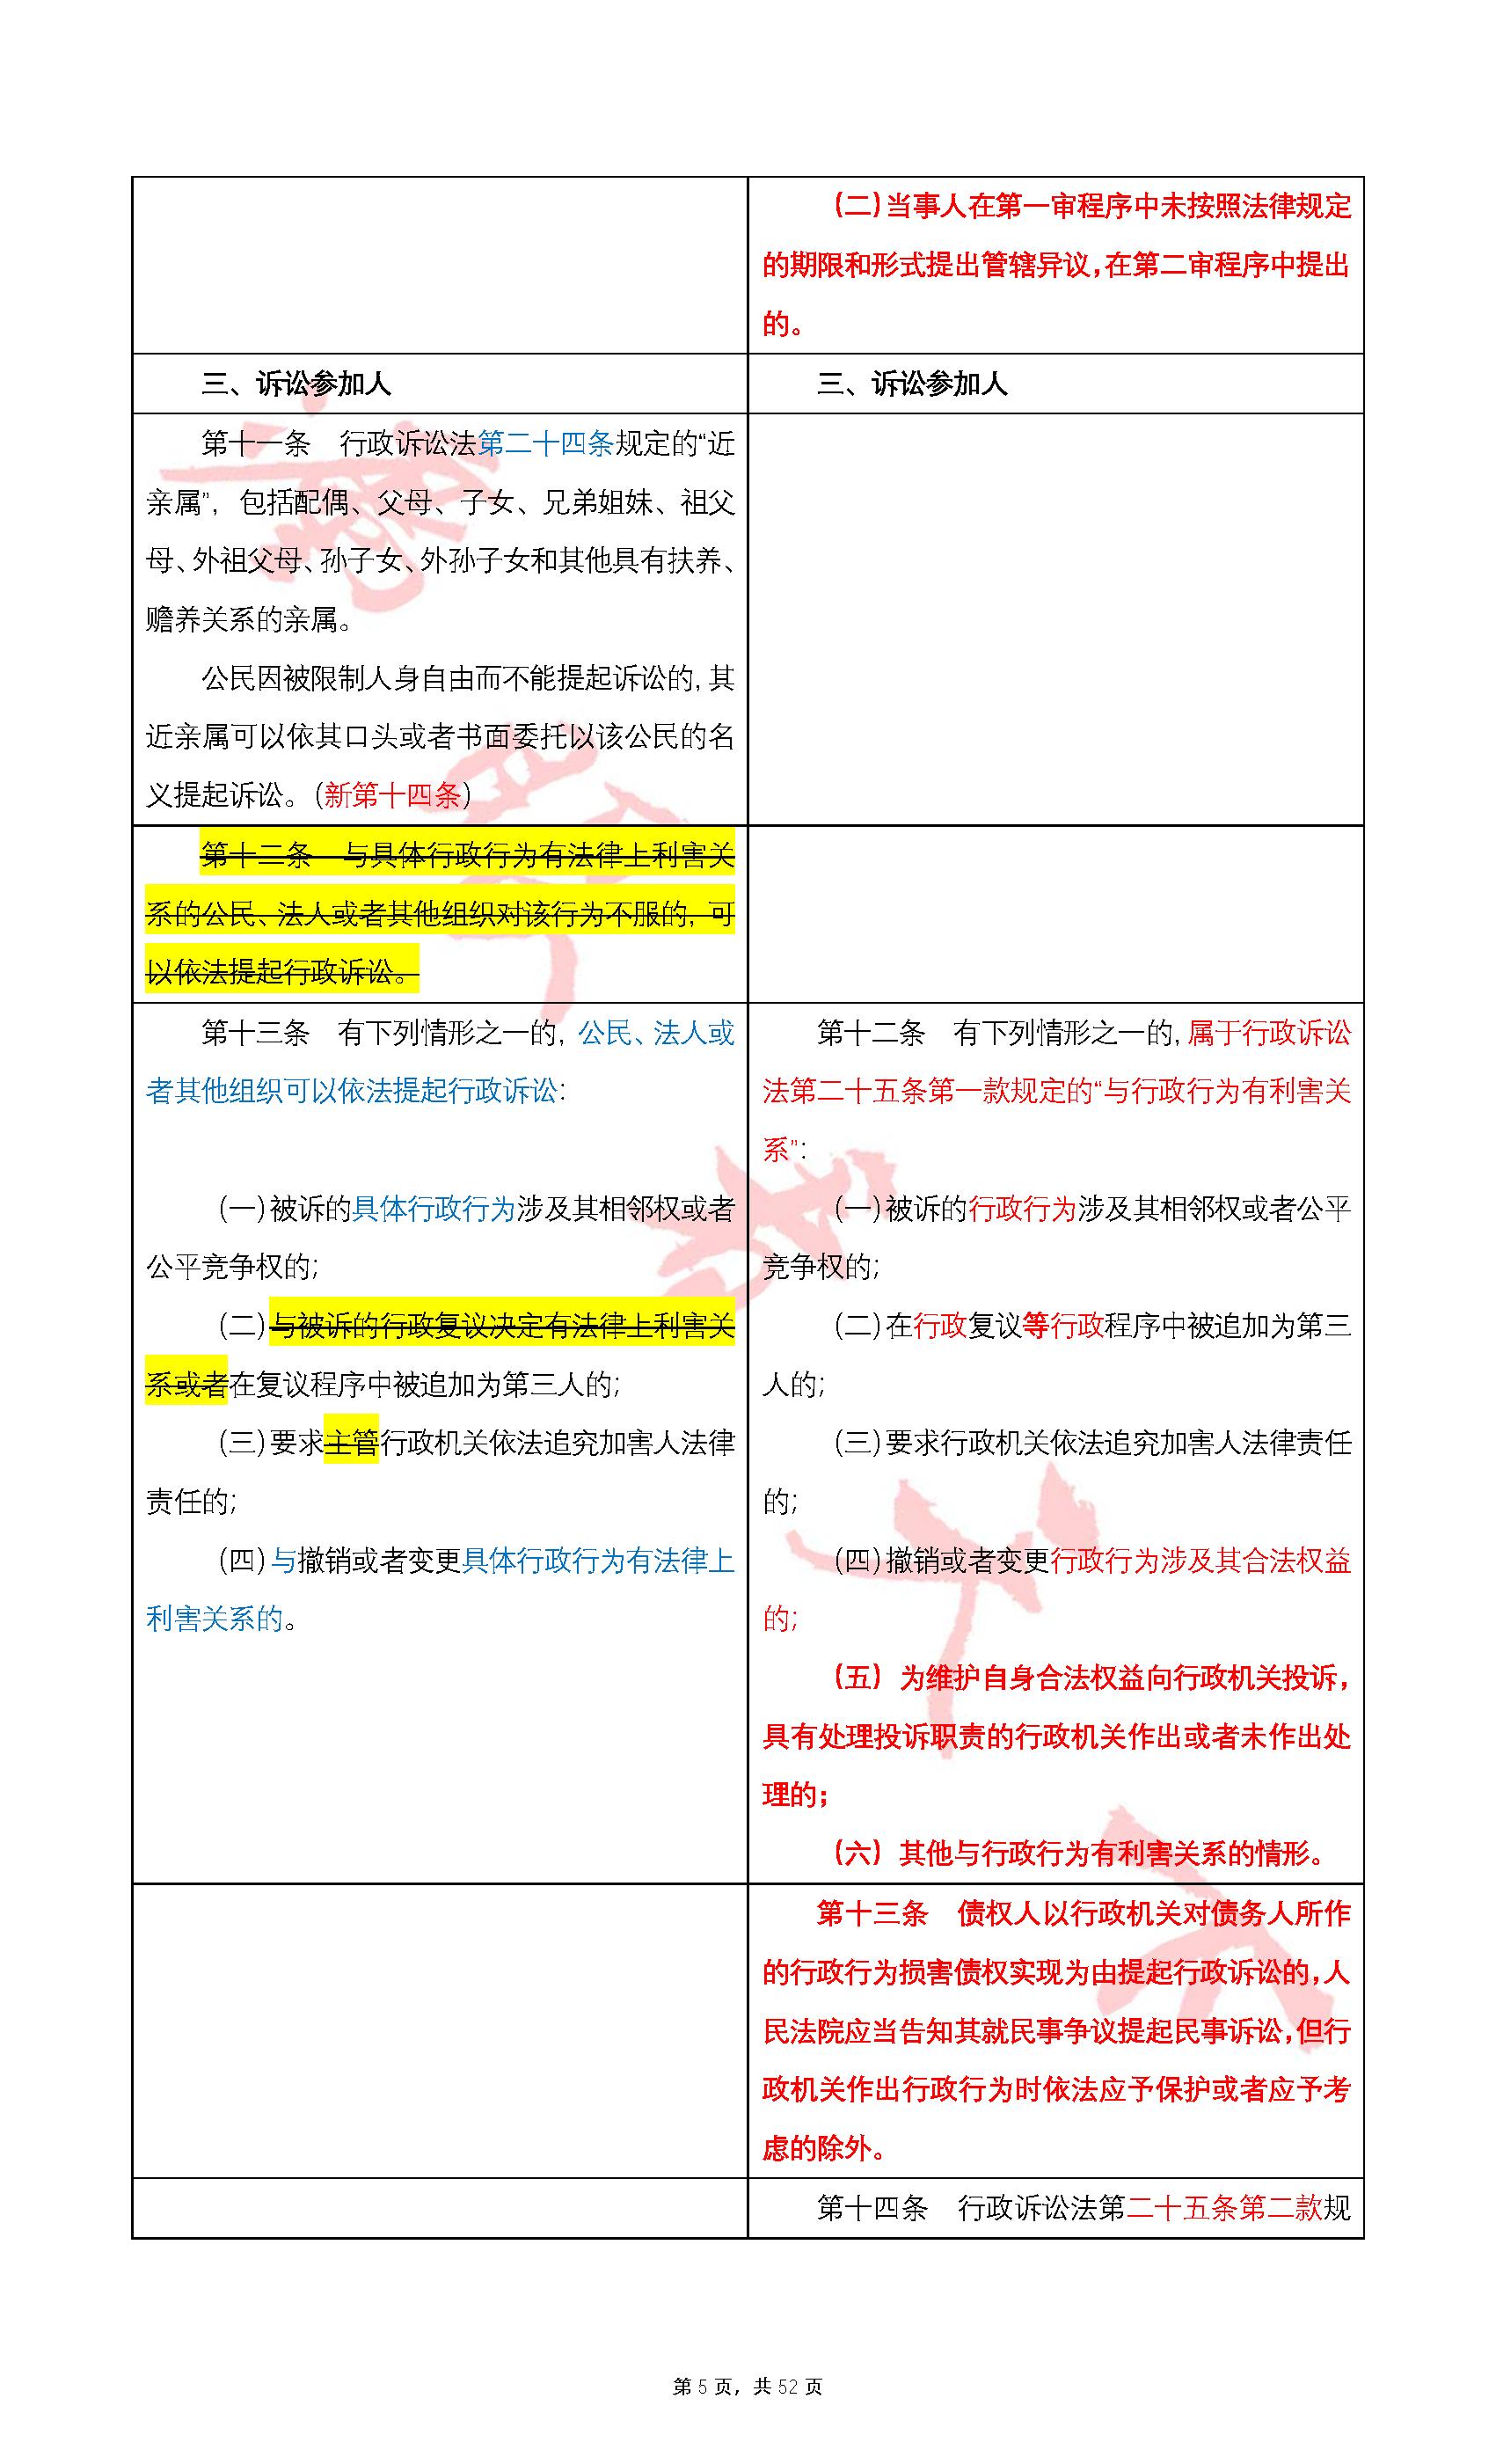 表_页面_05.png